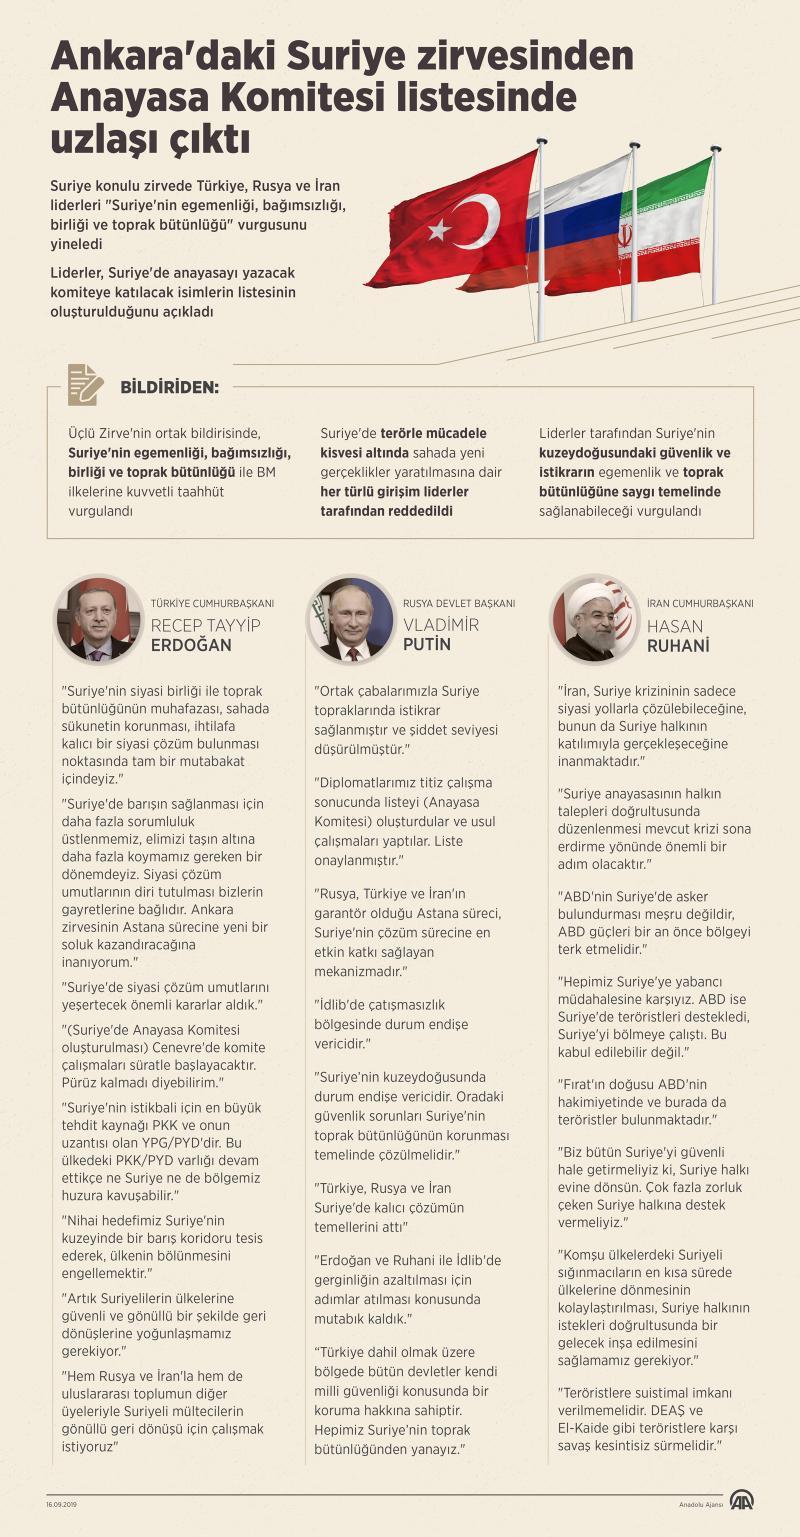 üçlü-zirve-uzlaşı-infografik-AA.jpg